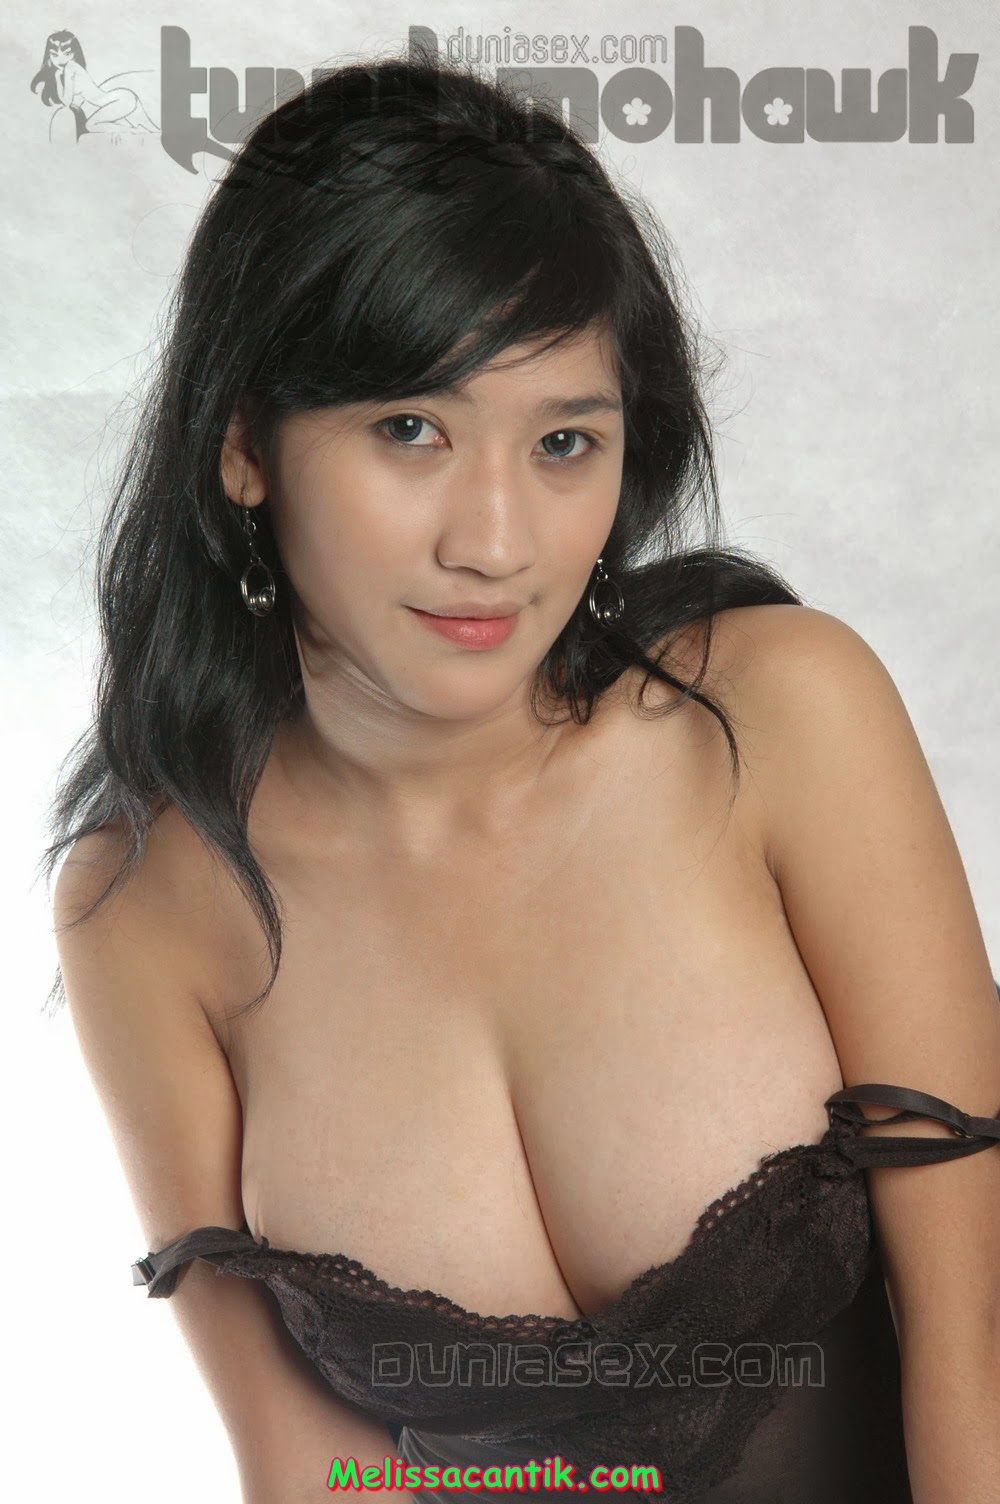 gadis montok berjilbab mantan foto model dewasa hot galeri foto